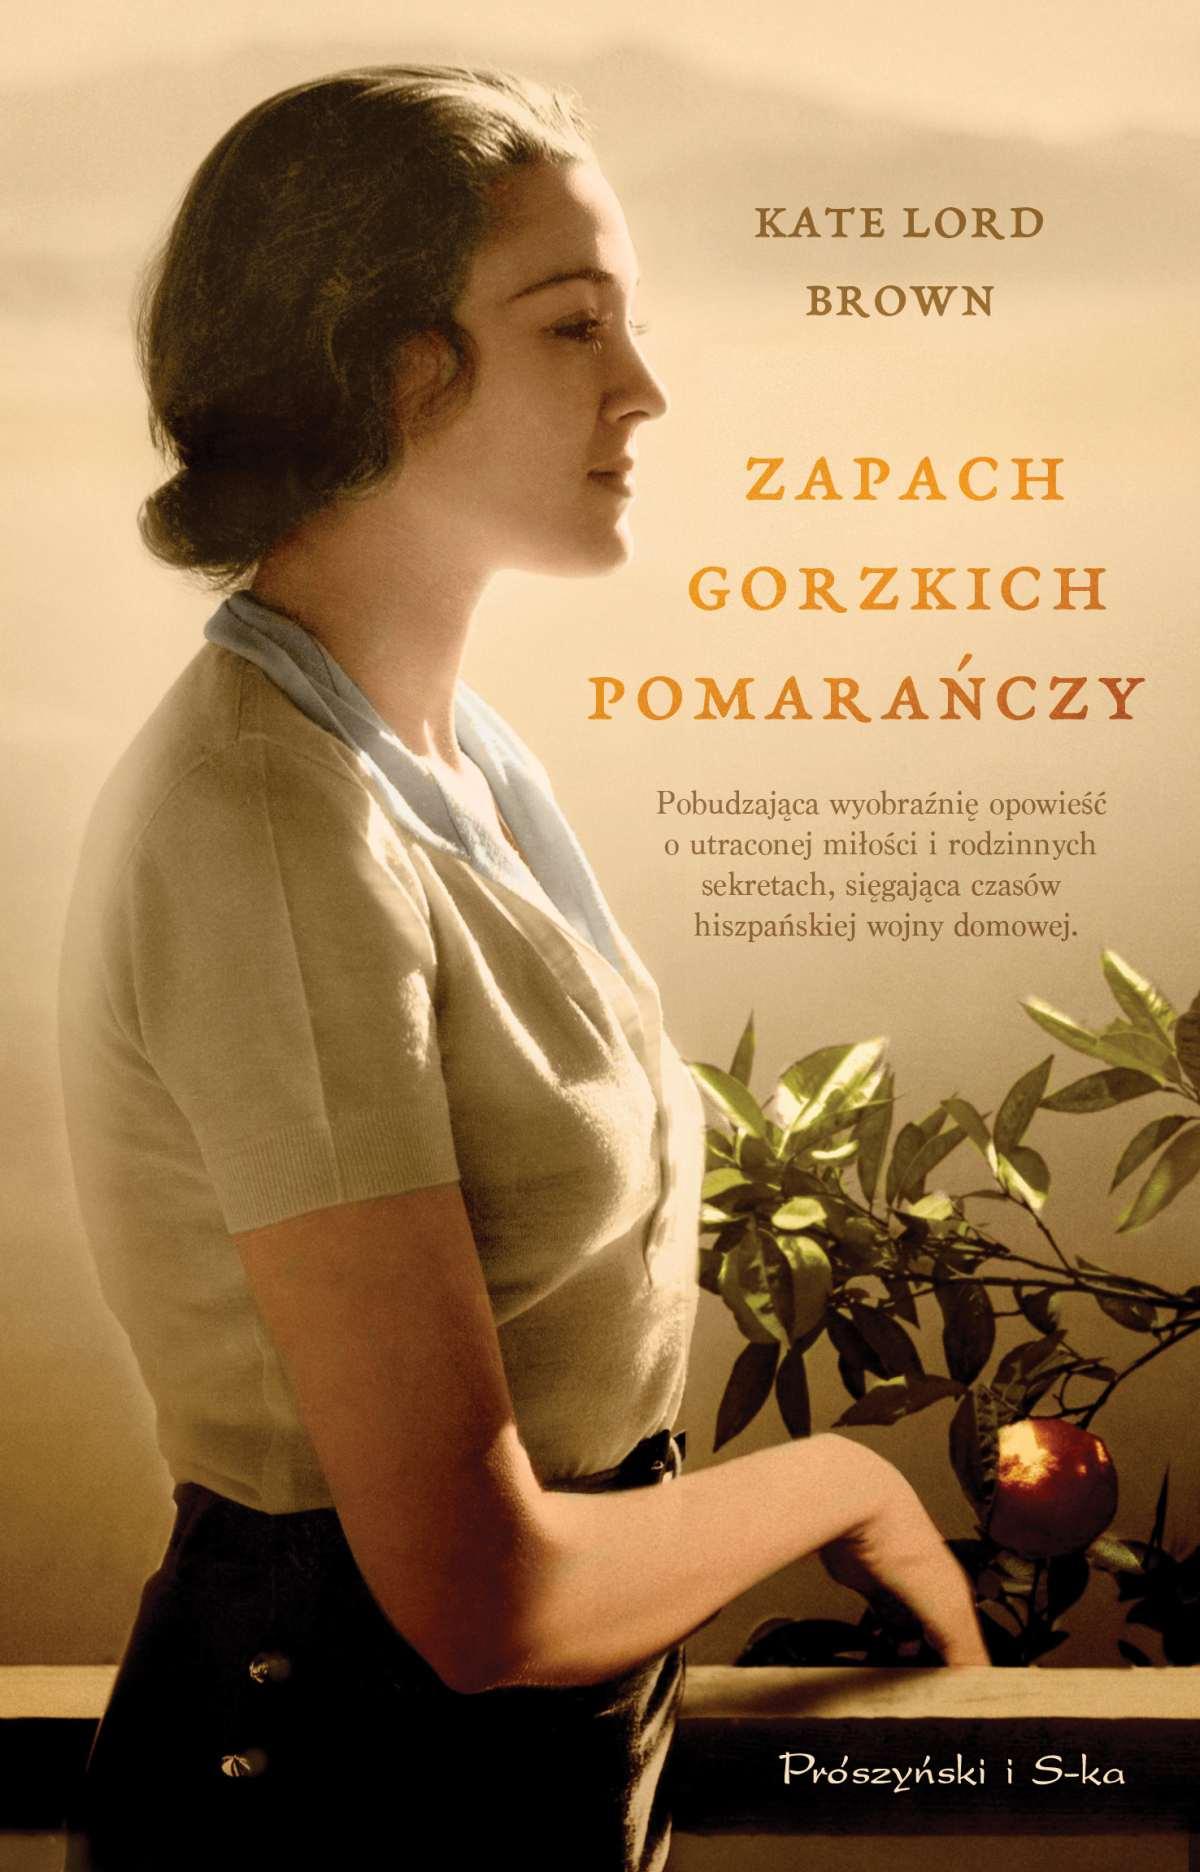 Zapach gorzkich pomarańczy - Ebook (Książka EPUB) do pobrania w formacie EPUB